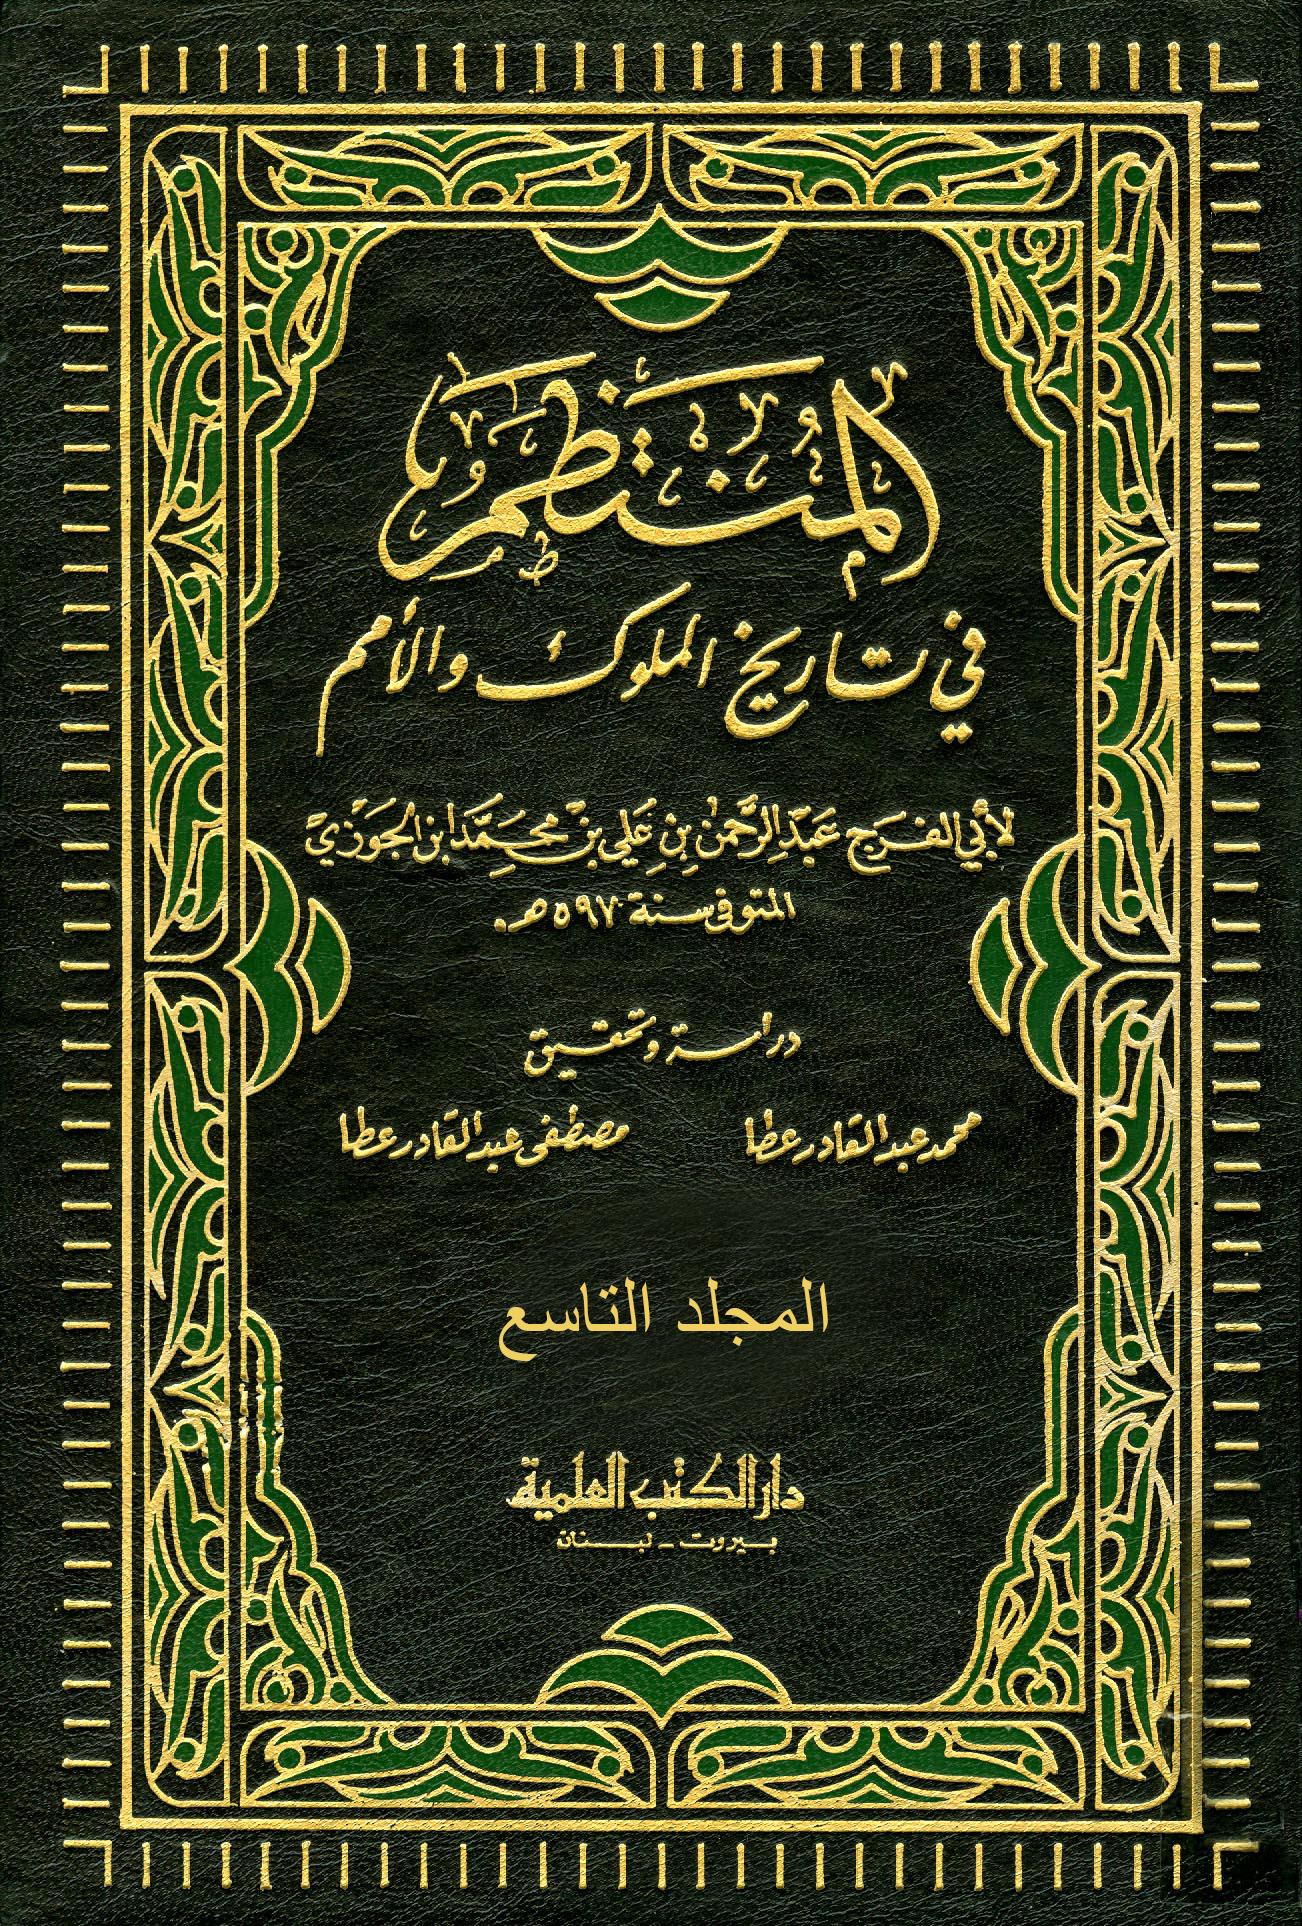 المنتظم في تاريخ الملوك والأمم - م 9 (174 هـ - 193 هـ)